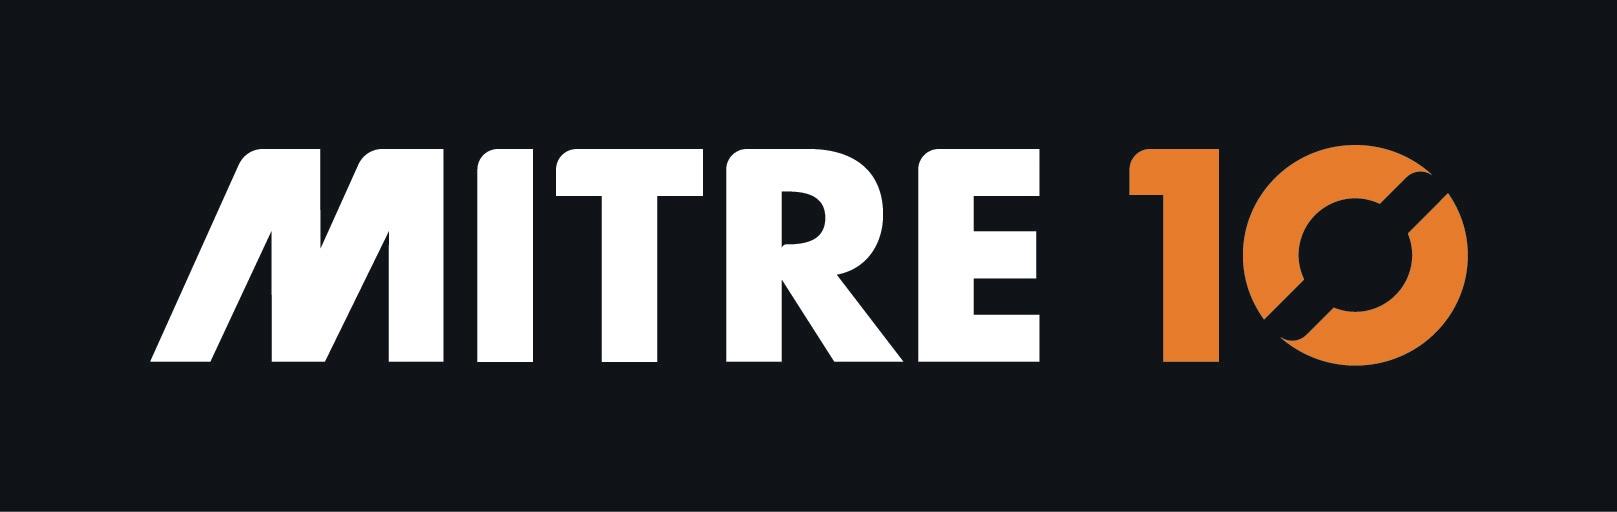 Mitre_10_NZ_Brand_Logo.jpg